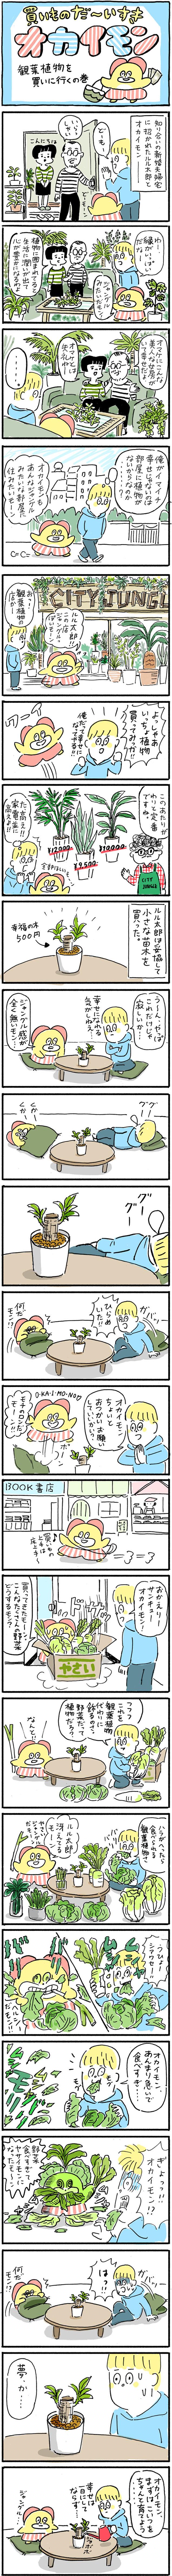 オカイモン「観葉植物を買いに行くの巻」